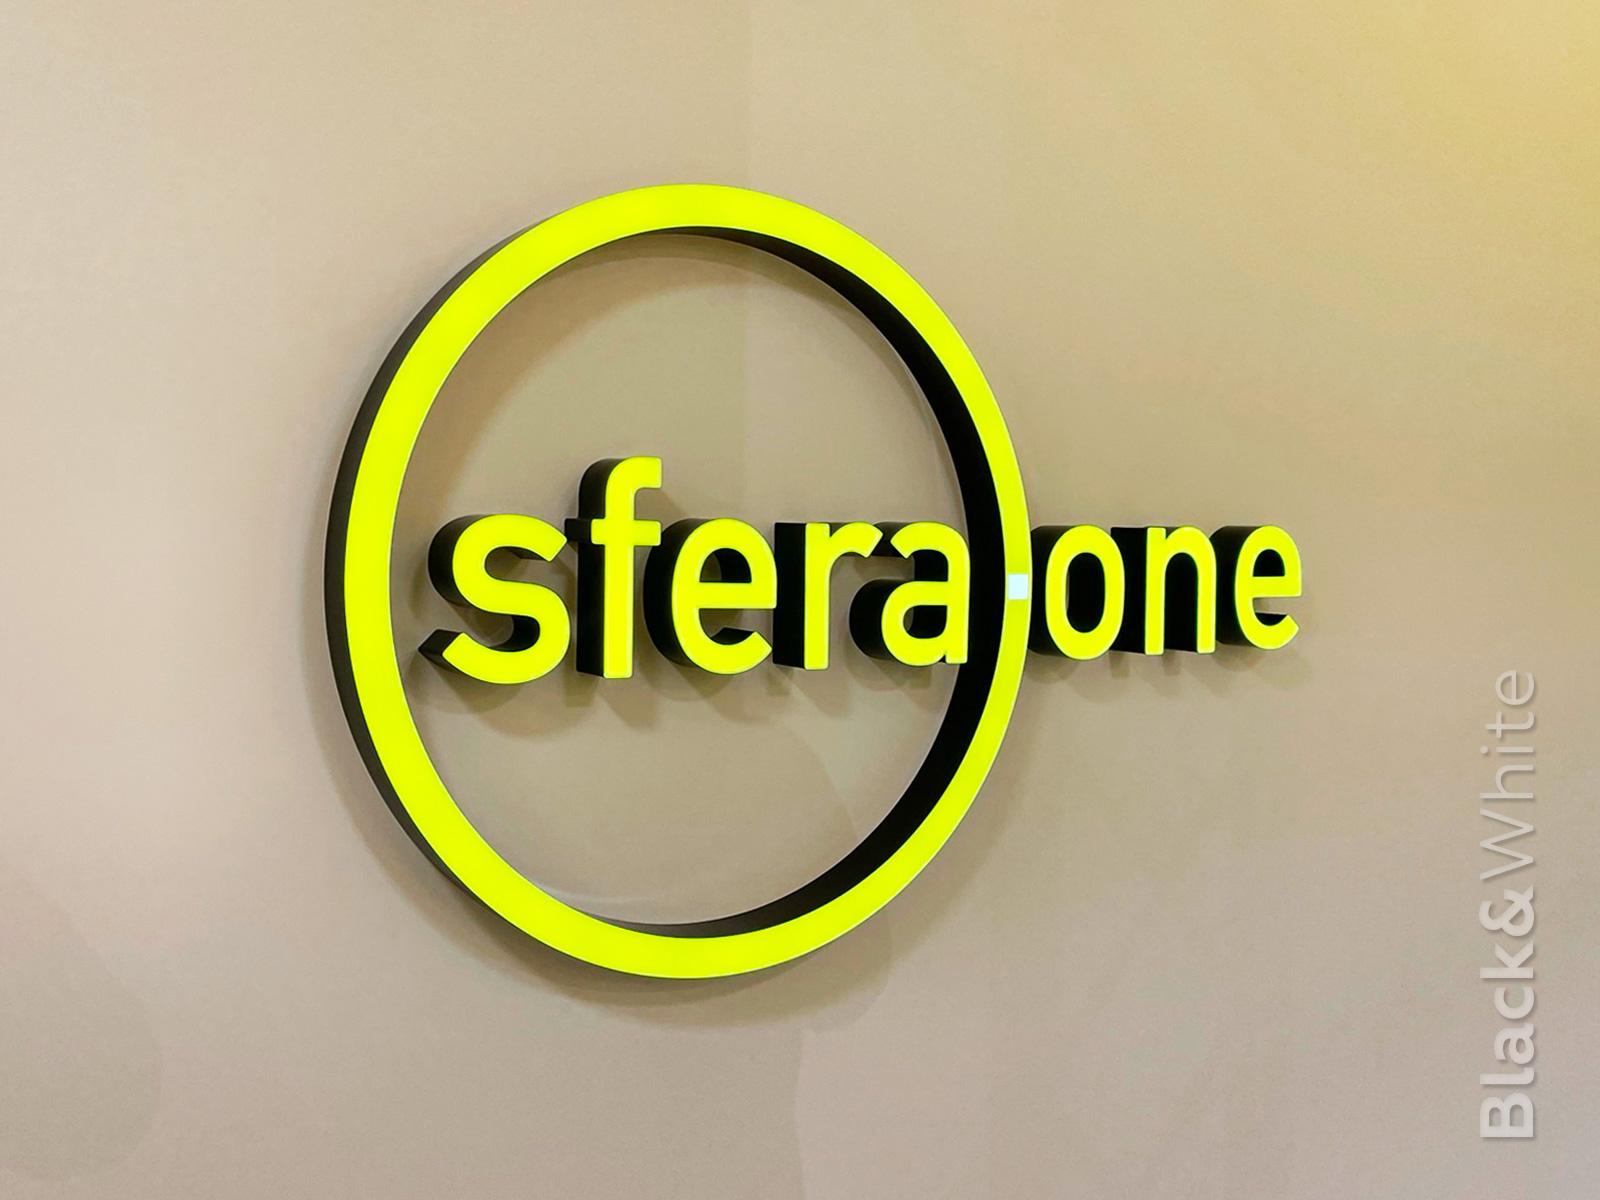 Вывеска-на-стену,-фотозона-с-логотипом.jpg